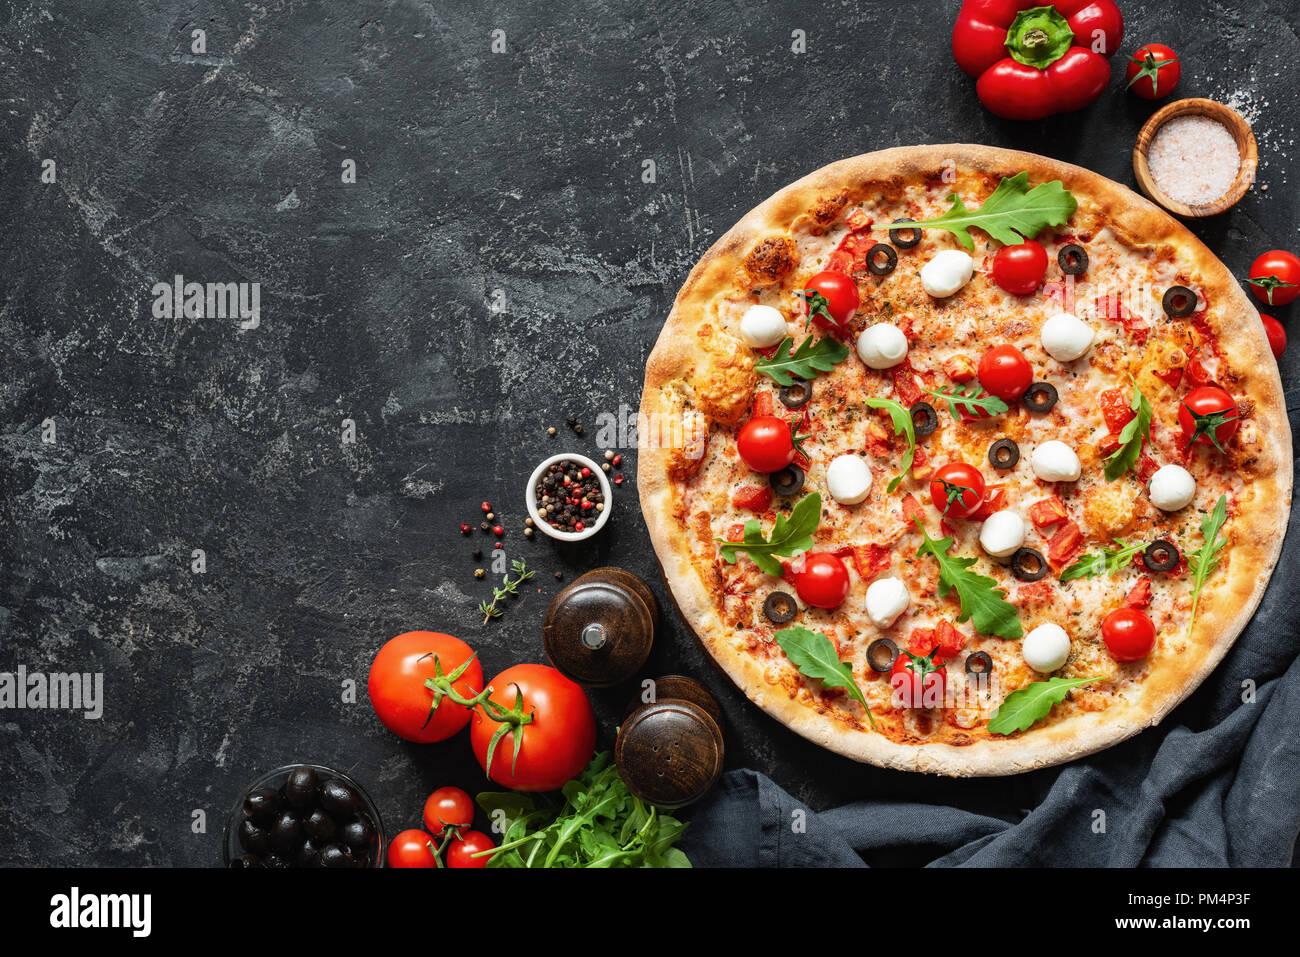 Pizza italiana sul calcestruzzo nero lo sfondo. Copia spazio per il testo. Una gustosa pizza Immagini Stock